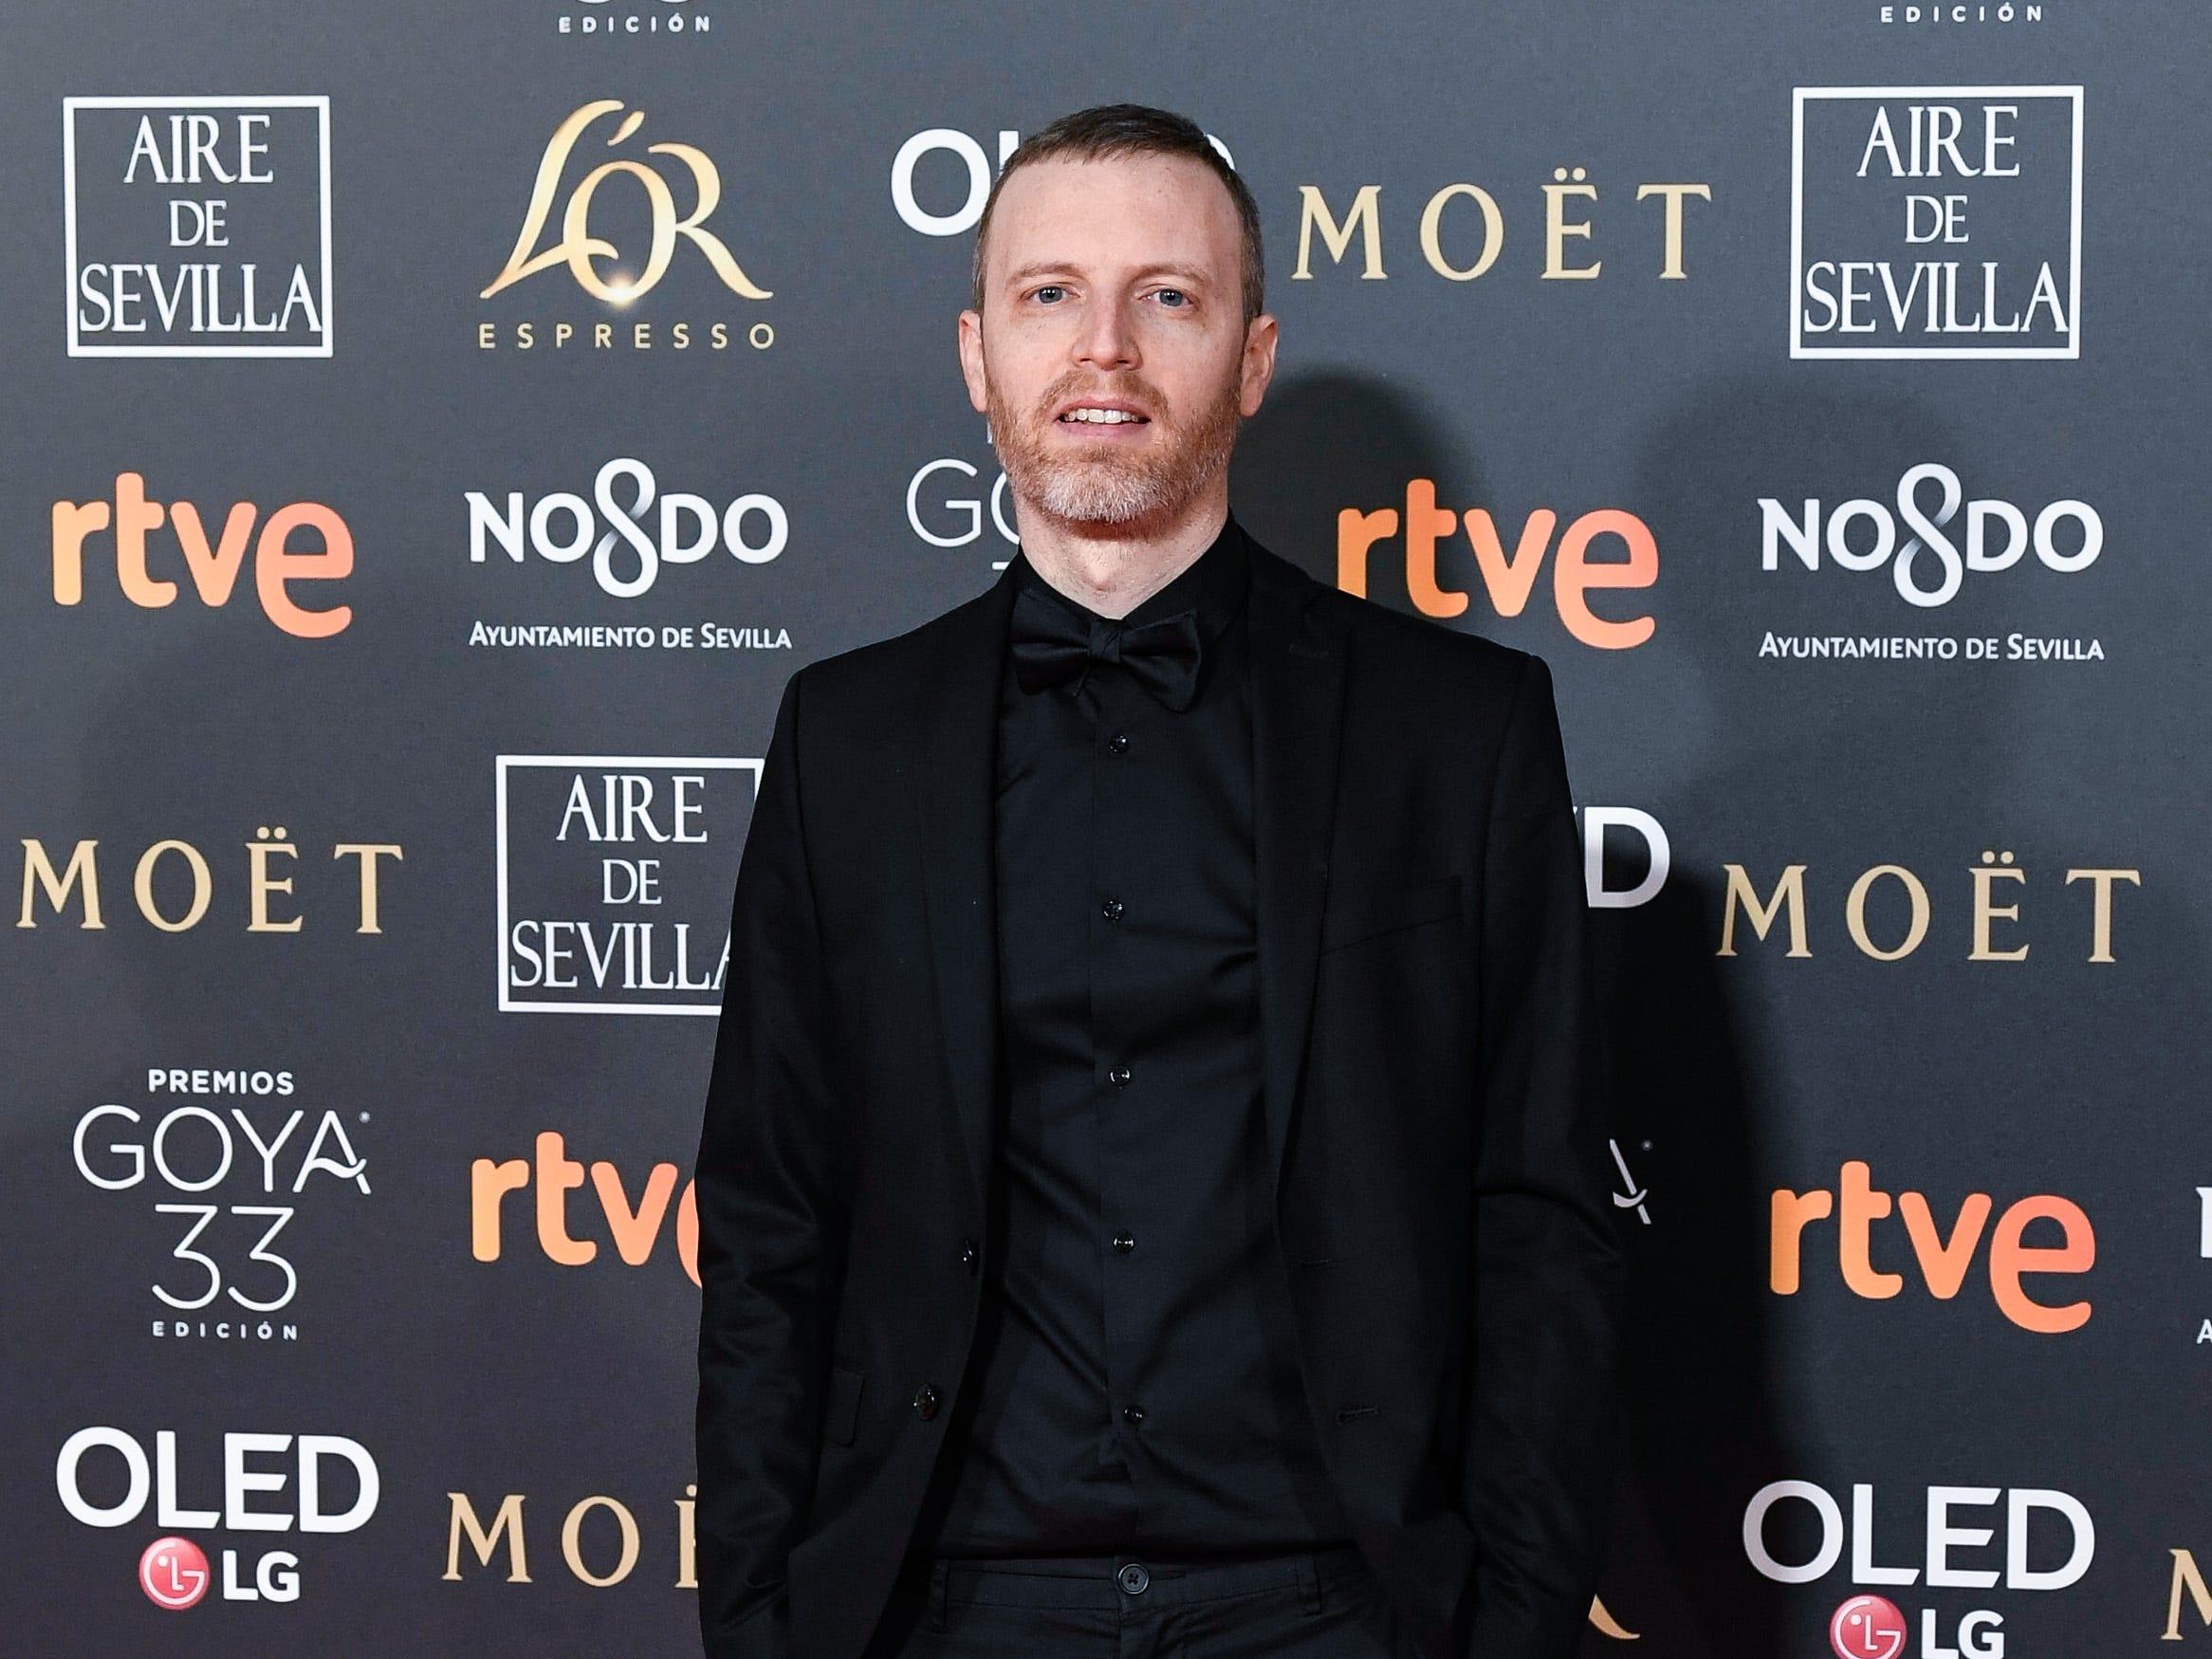 Olivier Arson asiste a la 33ª edición de los Premios de Cine Goya en el Palacio de Congresos y Exposiciones FIBES el 2 de febrero de 2019 en Sevilla, España.